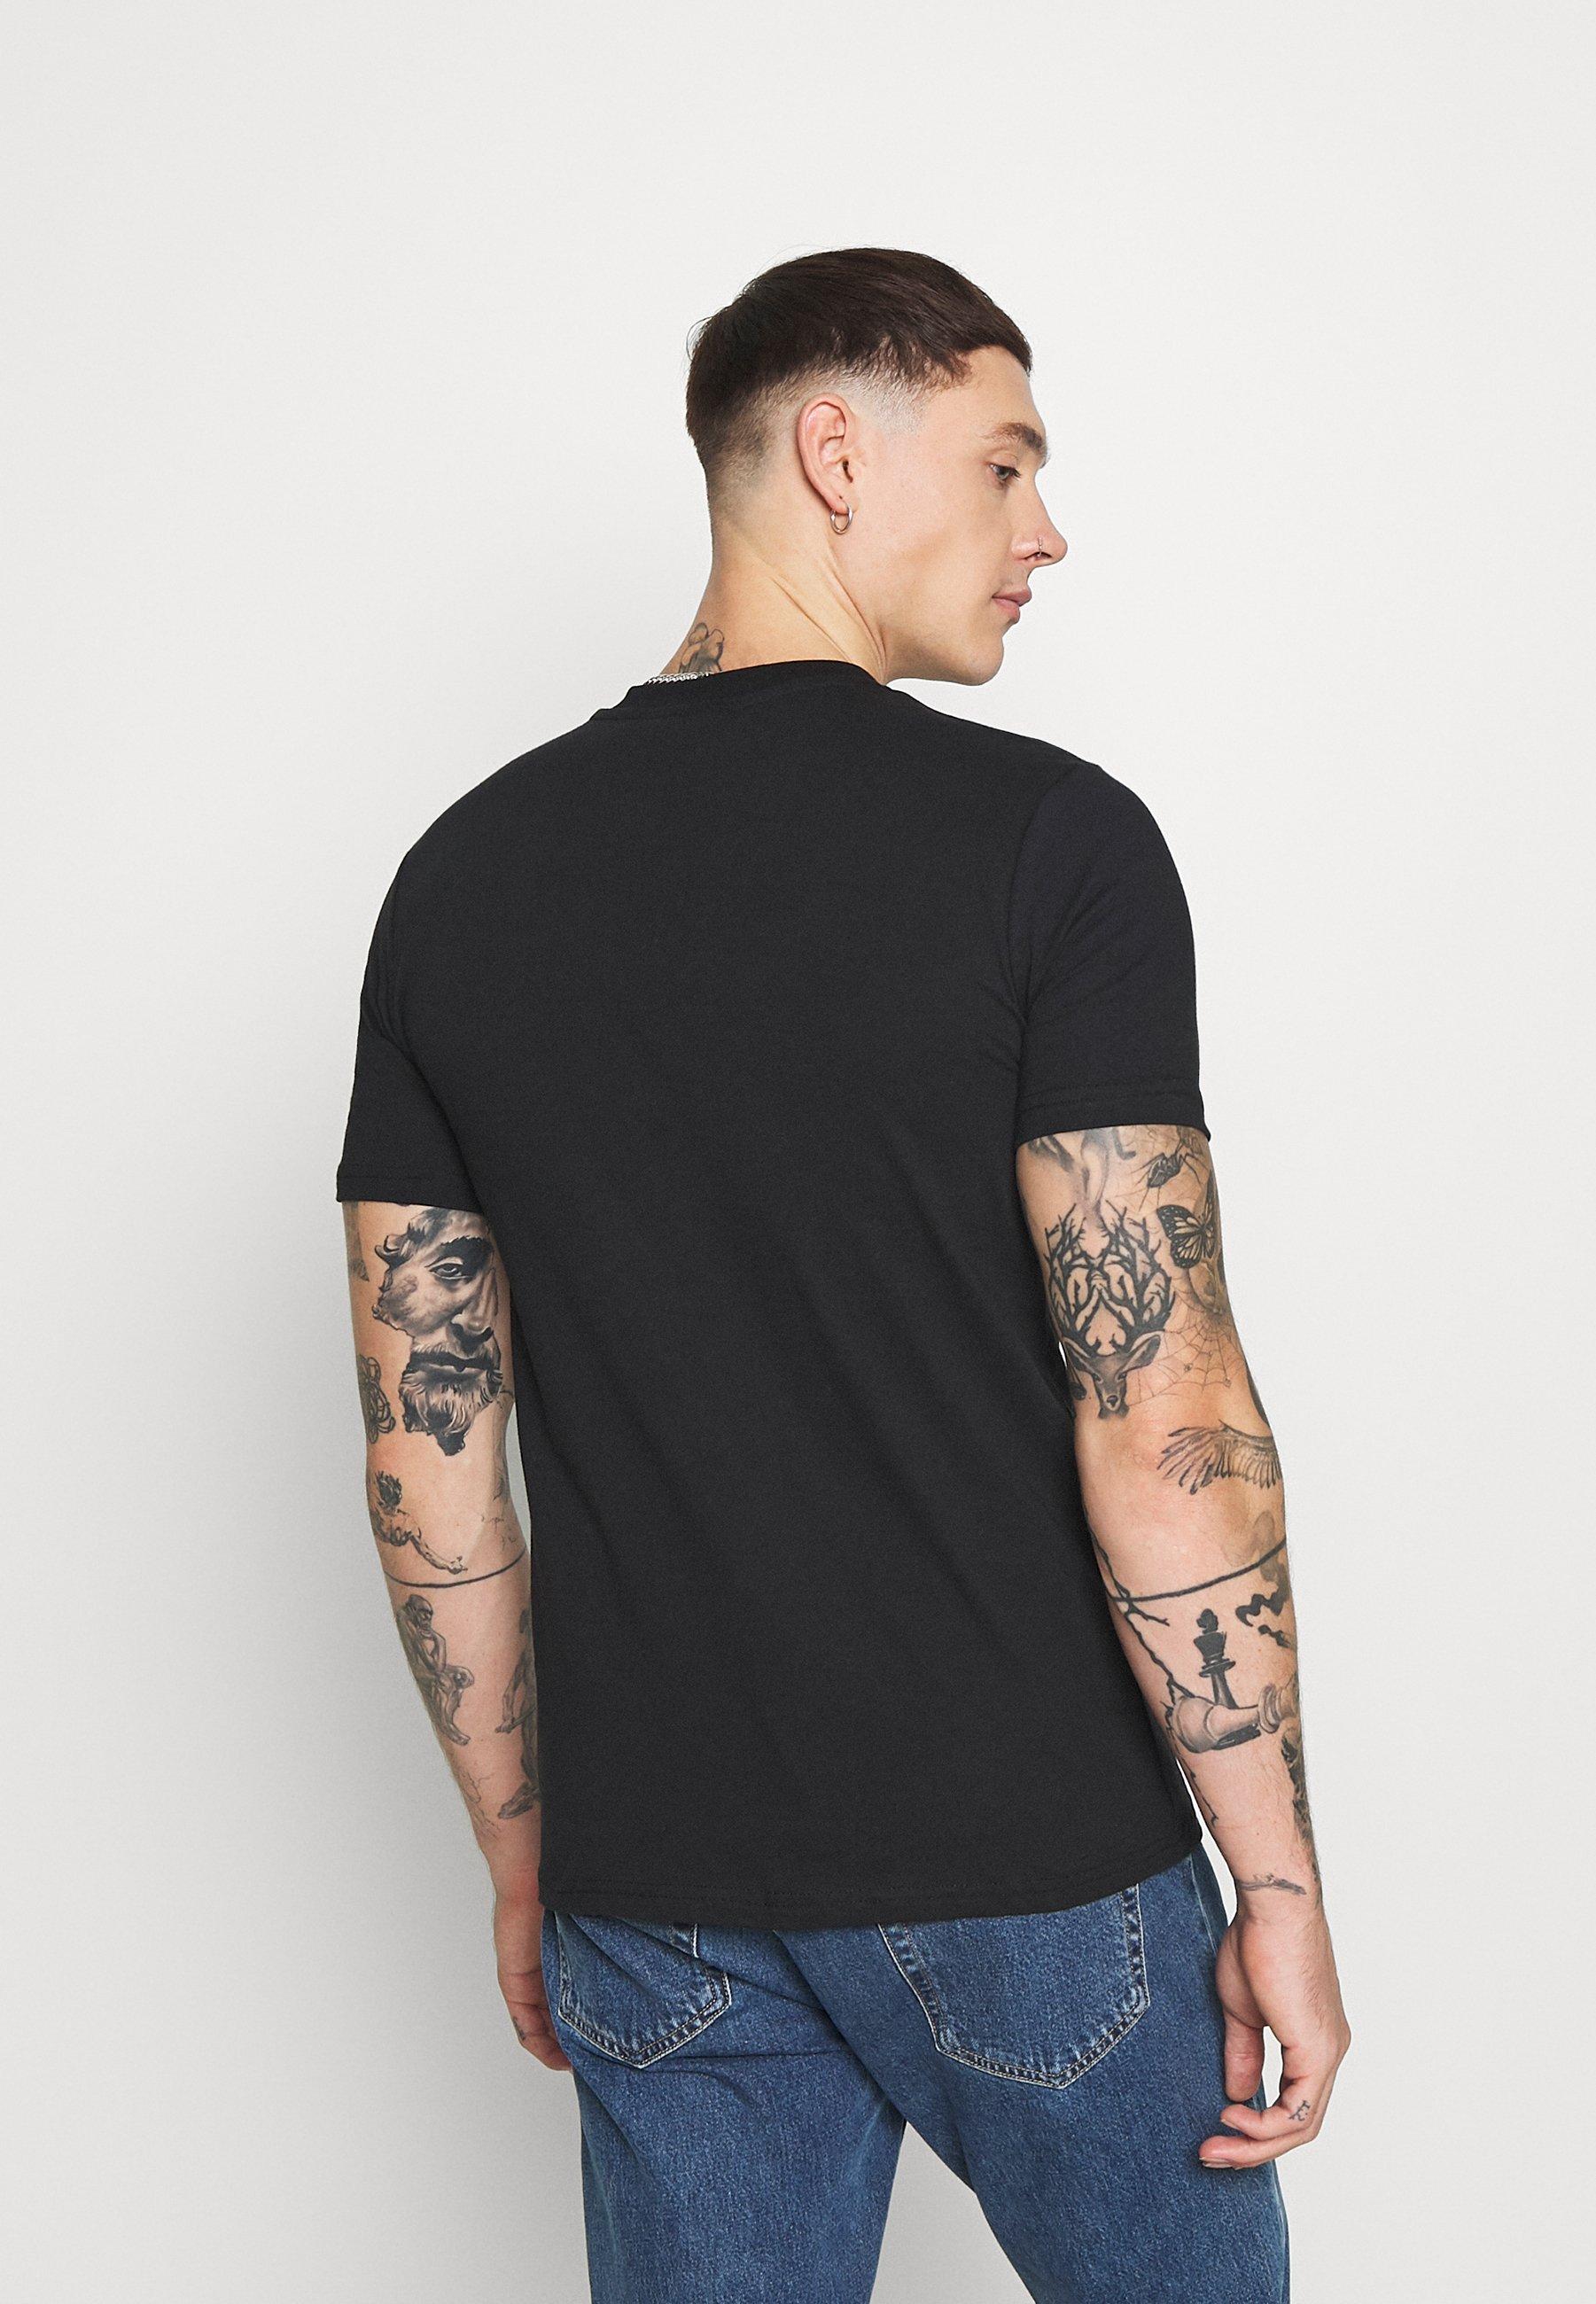 274 ROSE - Camiseta estampada - black 0hhzR